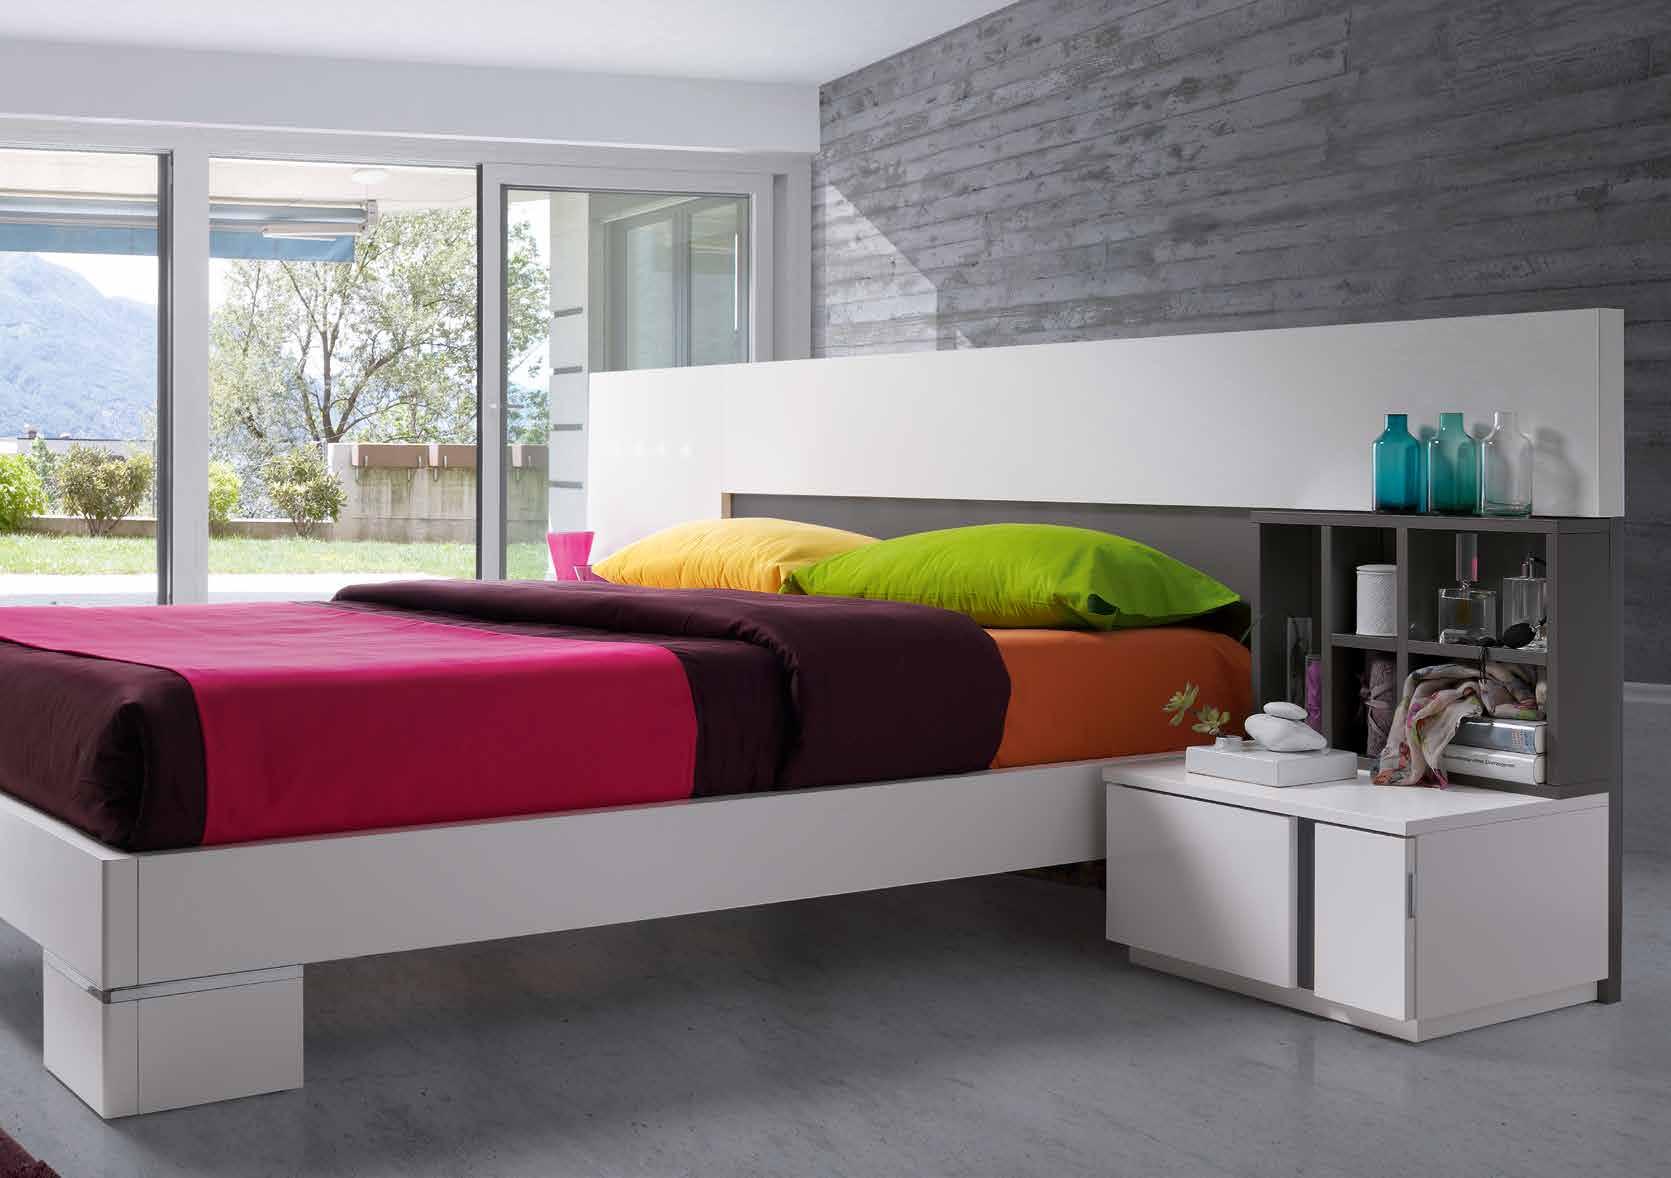 279-dormitorios-e-44